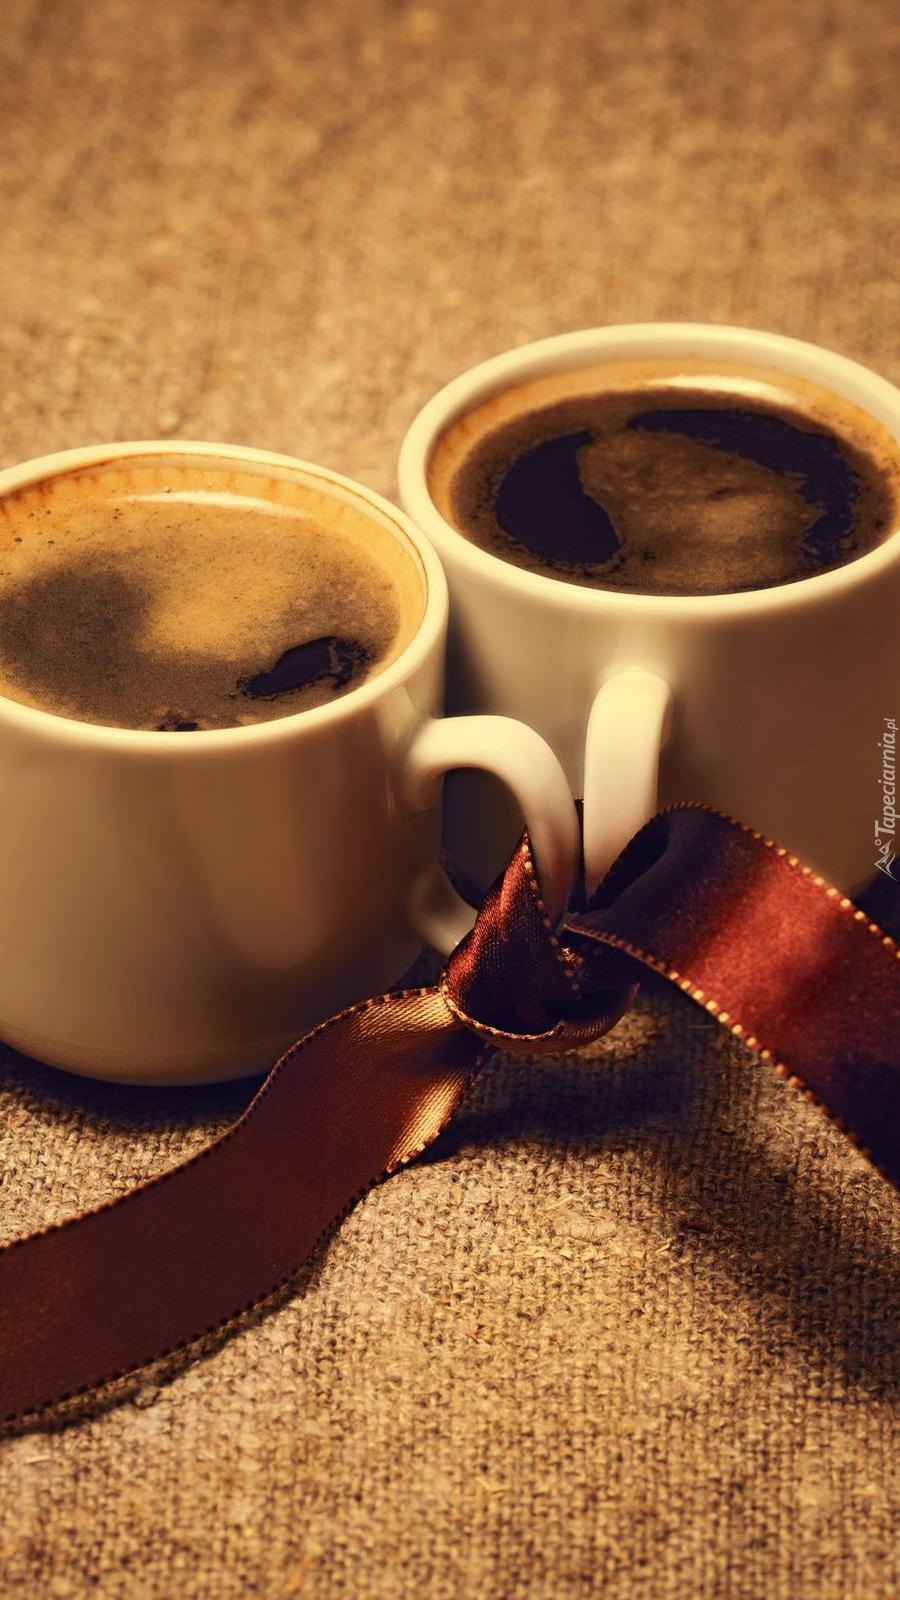 Związane kubeczki z kawą